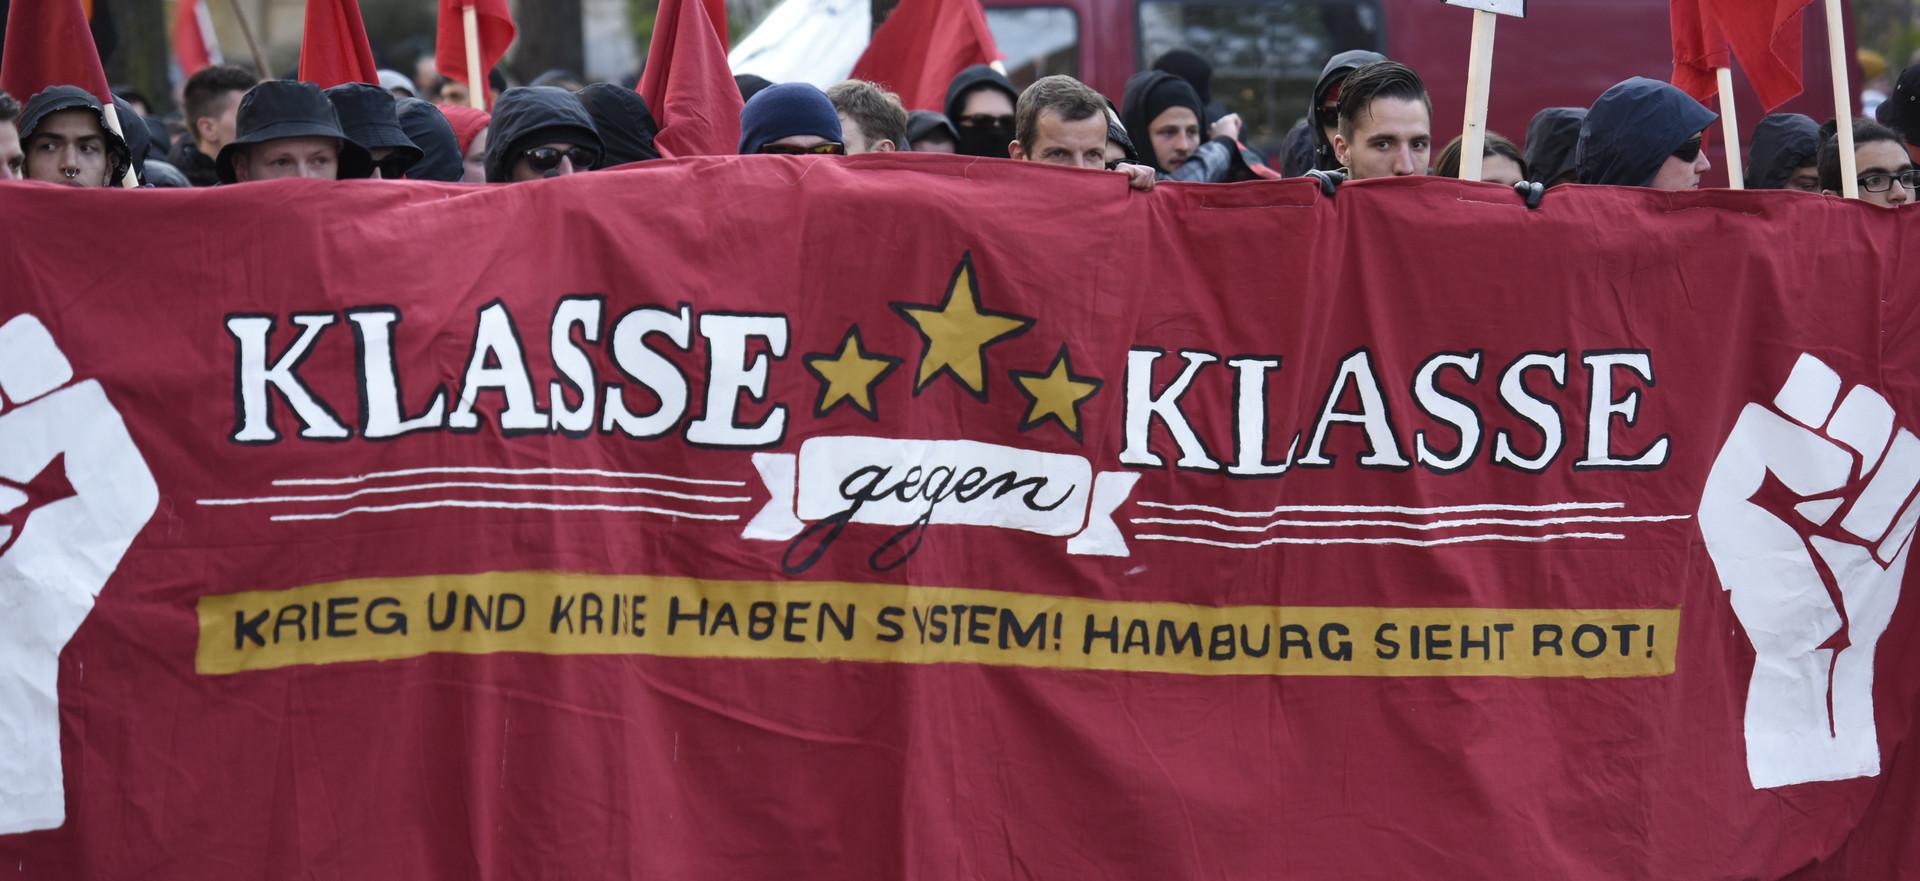 Fronttransparent auf der 1. Mai-Demonstration in Hamburg, Deutschland.